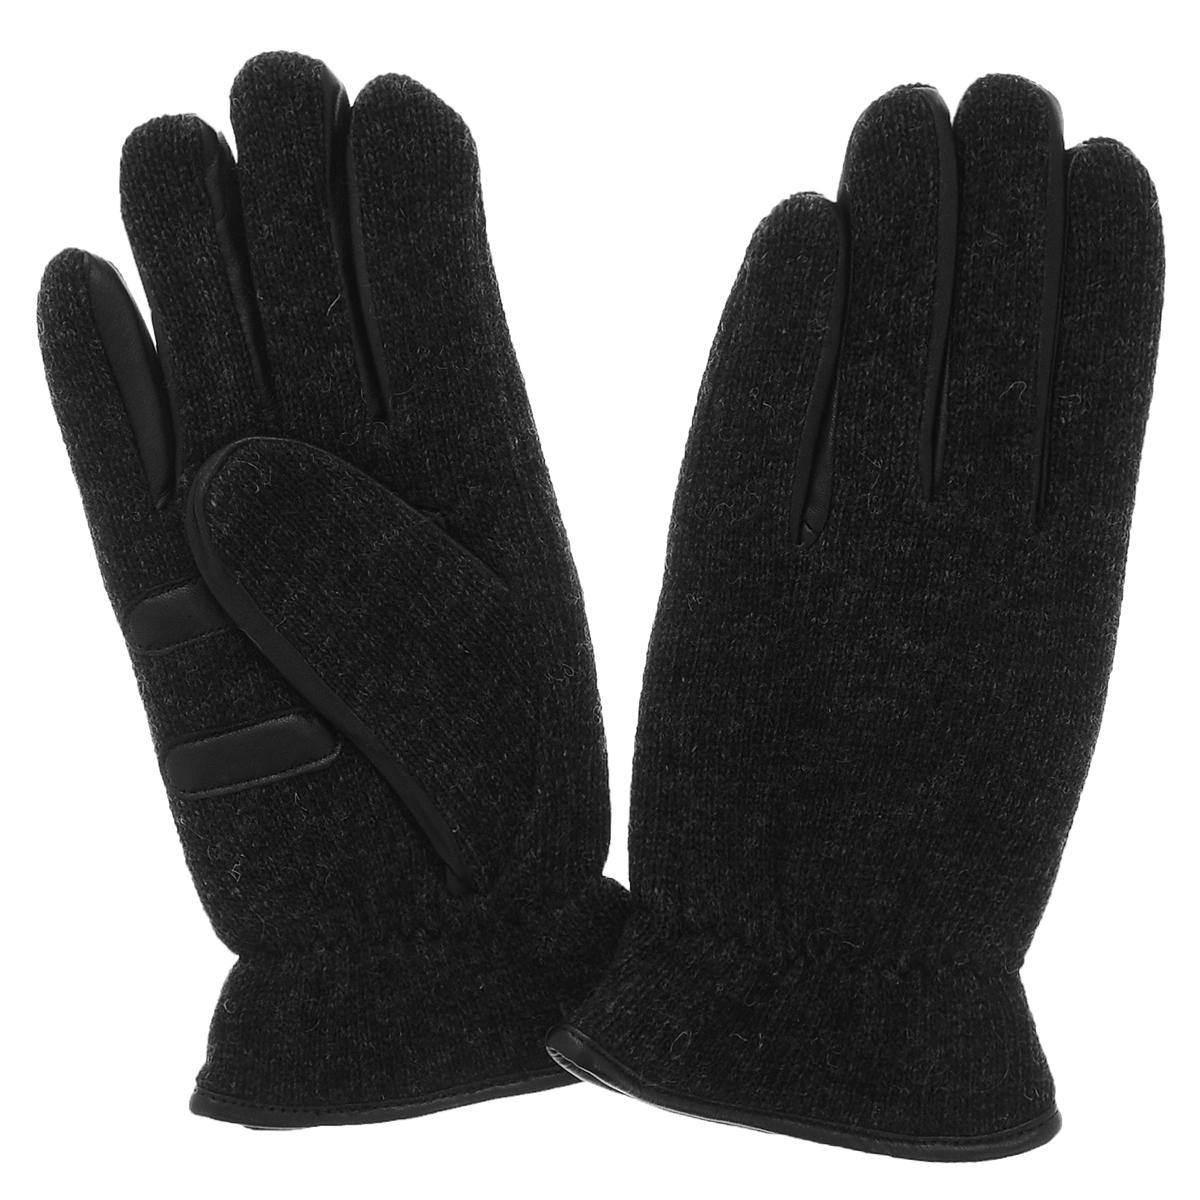 K11-ARR/BLСтильные мужские перчатки Michel Katana не только защитят ваши руки, но и станут великолепным украшением. Перчатки выполнены из натуральной шерсти с отделкой из кожи ягненка, а их подкладка - из флиса. Манжеты собраны на резинку. Модель благодаря своему лаконичному исполнению прекрасно дополнит образ любого мужчины и сделает его более стильным, придав тонкую нотку брутальности. Создайте элегантный образ и подчеркните свою яркую индивидуальность новым аксессуаром!